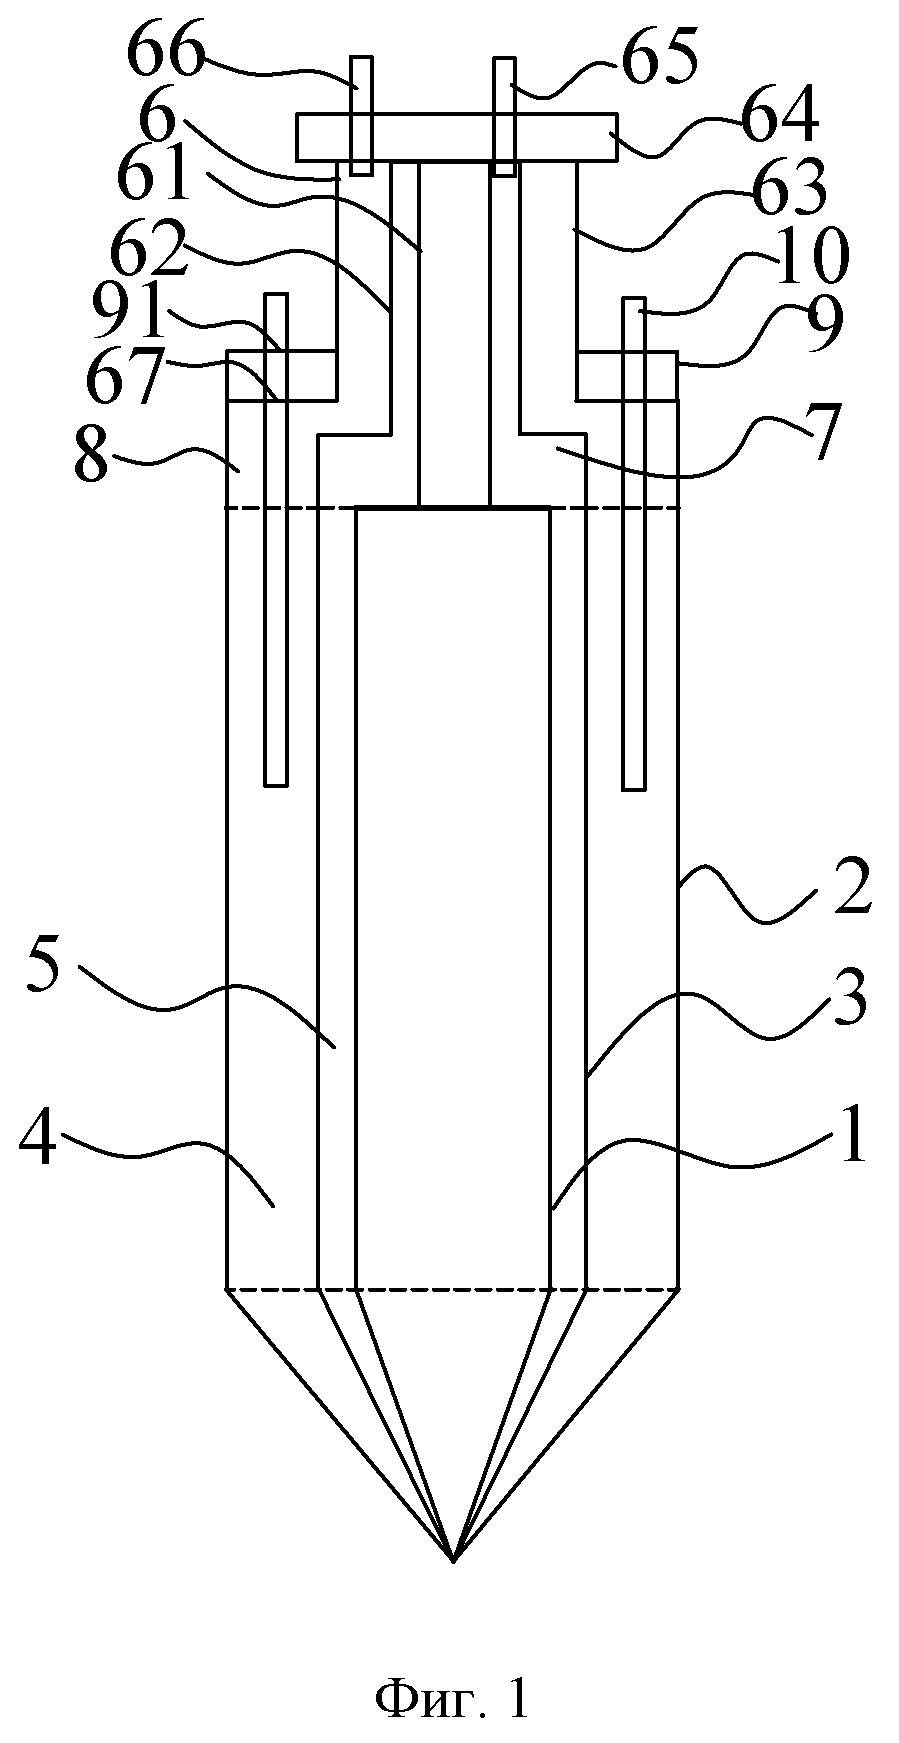 Преформа оптического волокна для изготовления одномодового оптического волокна и способ изготовления одномодового оптического волокна